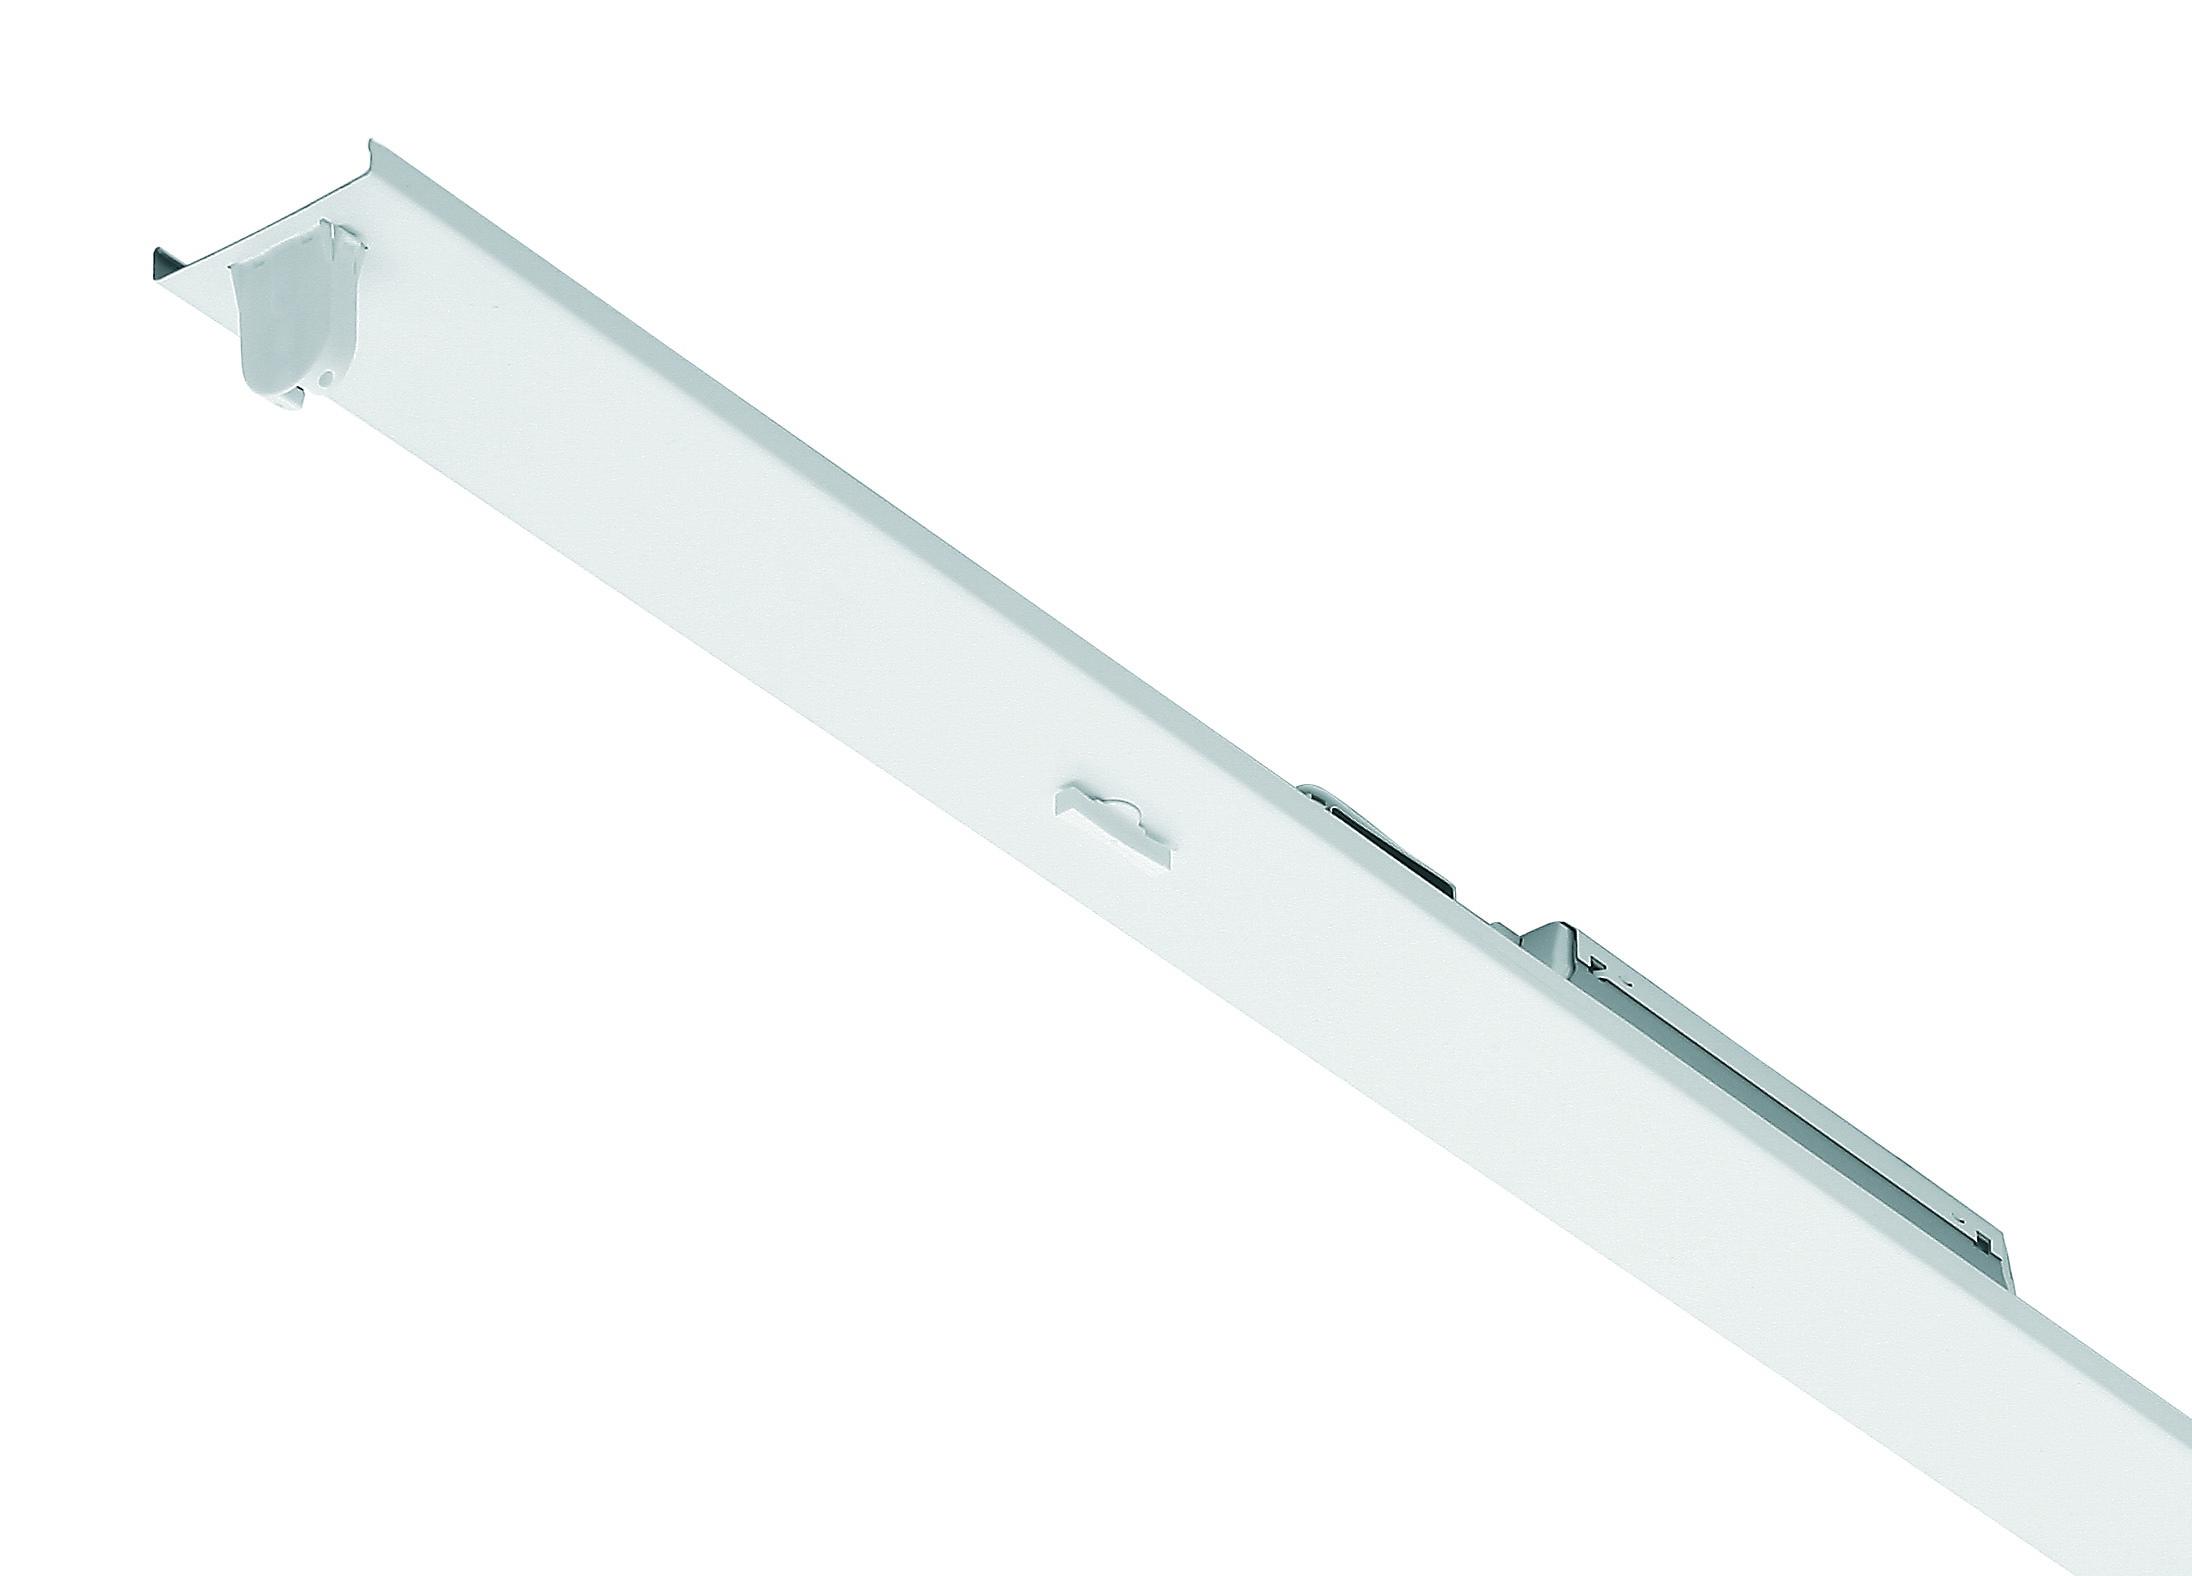 1 Stk L-SE Lichteinsatz DM 1x49W EVG LI99000018